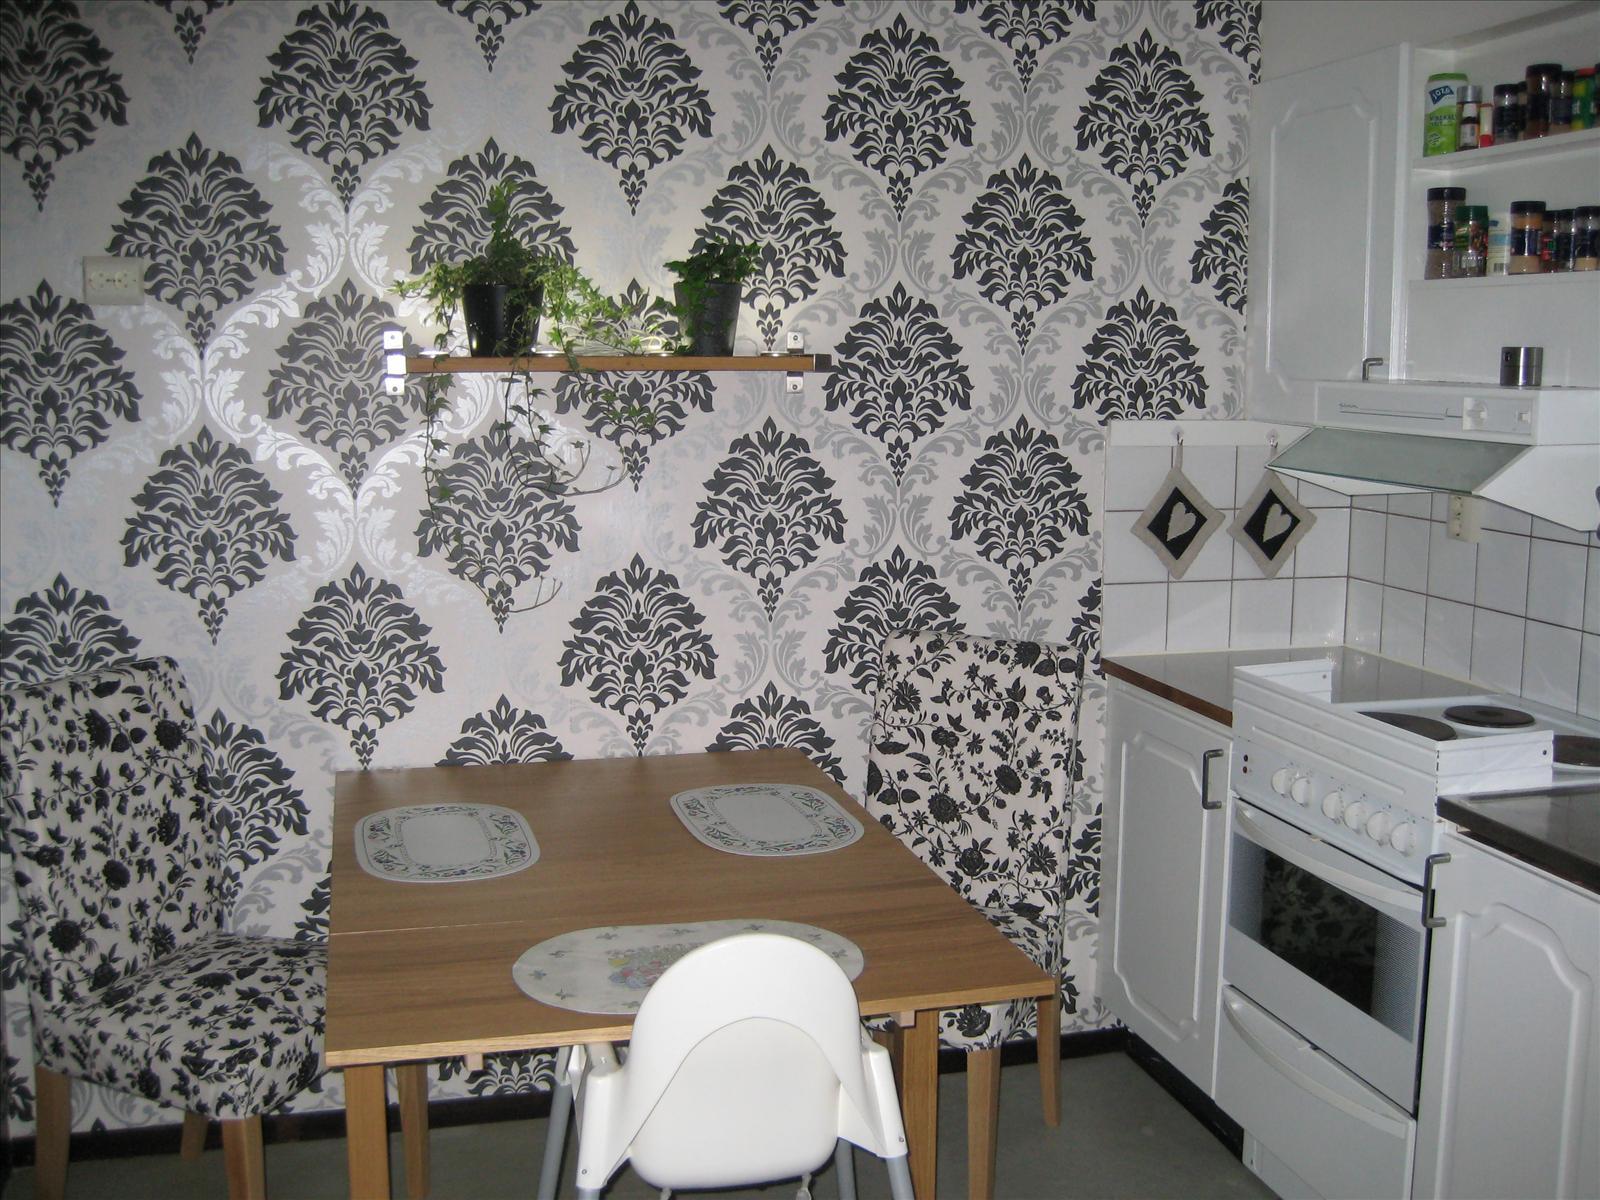 Ska göra om mitt kök behöver tips   bygga & renovera   hemmet ifokus